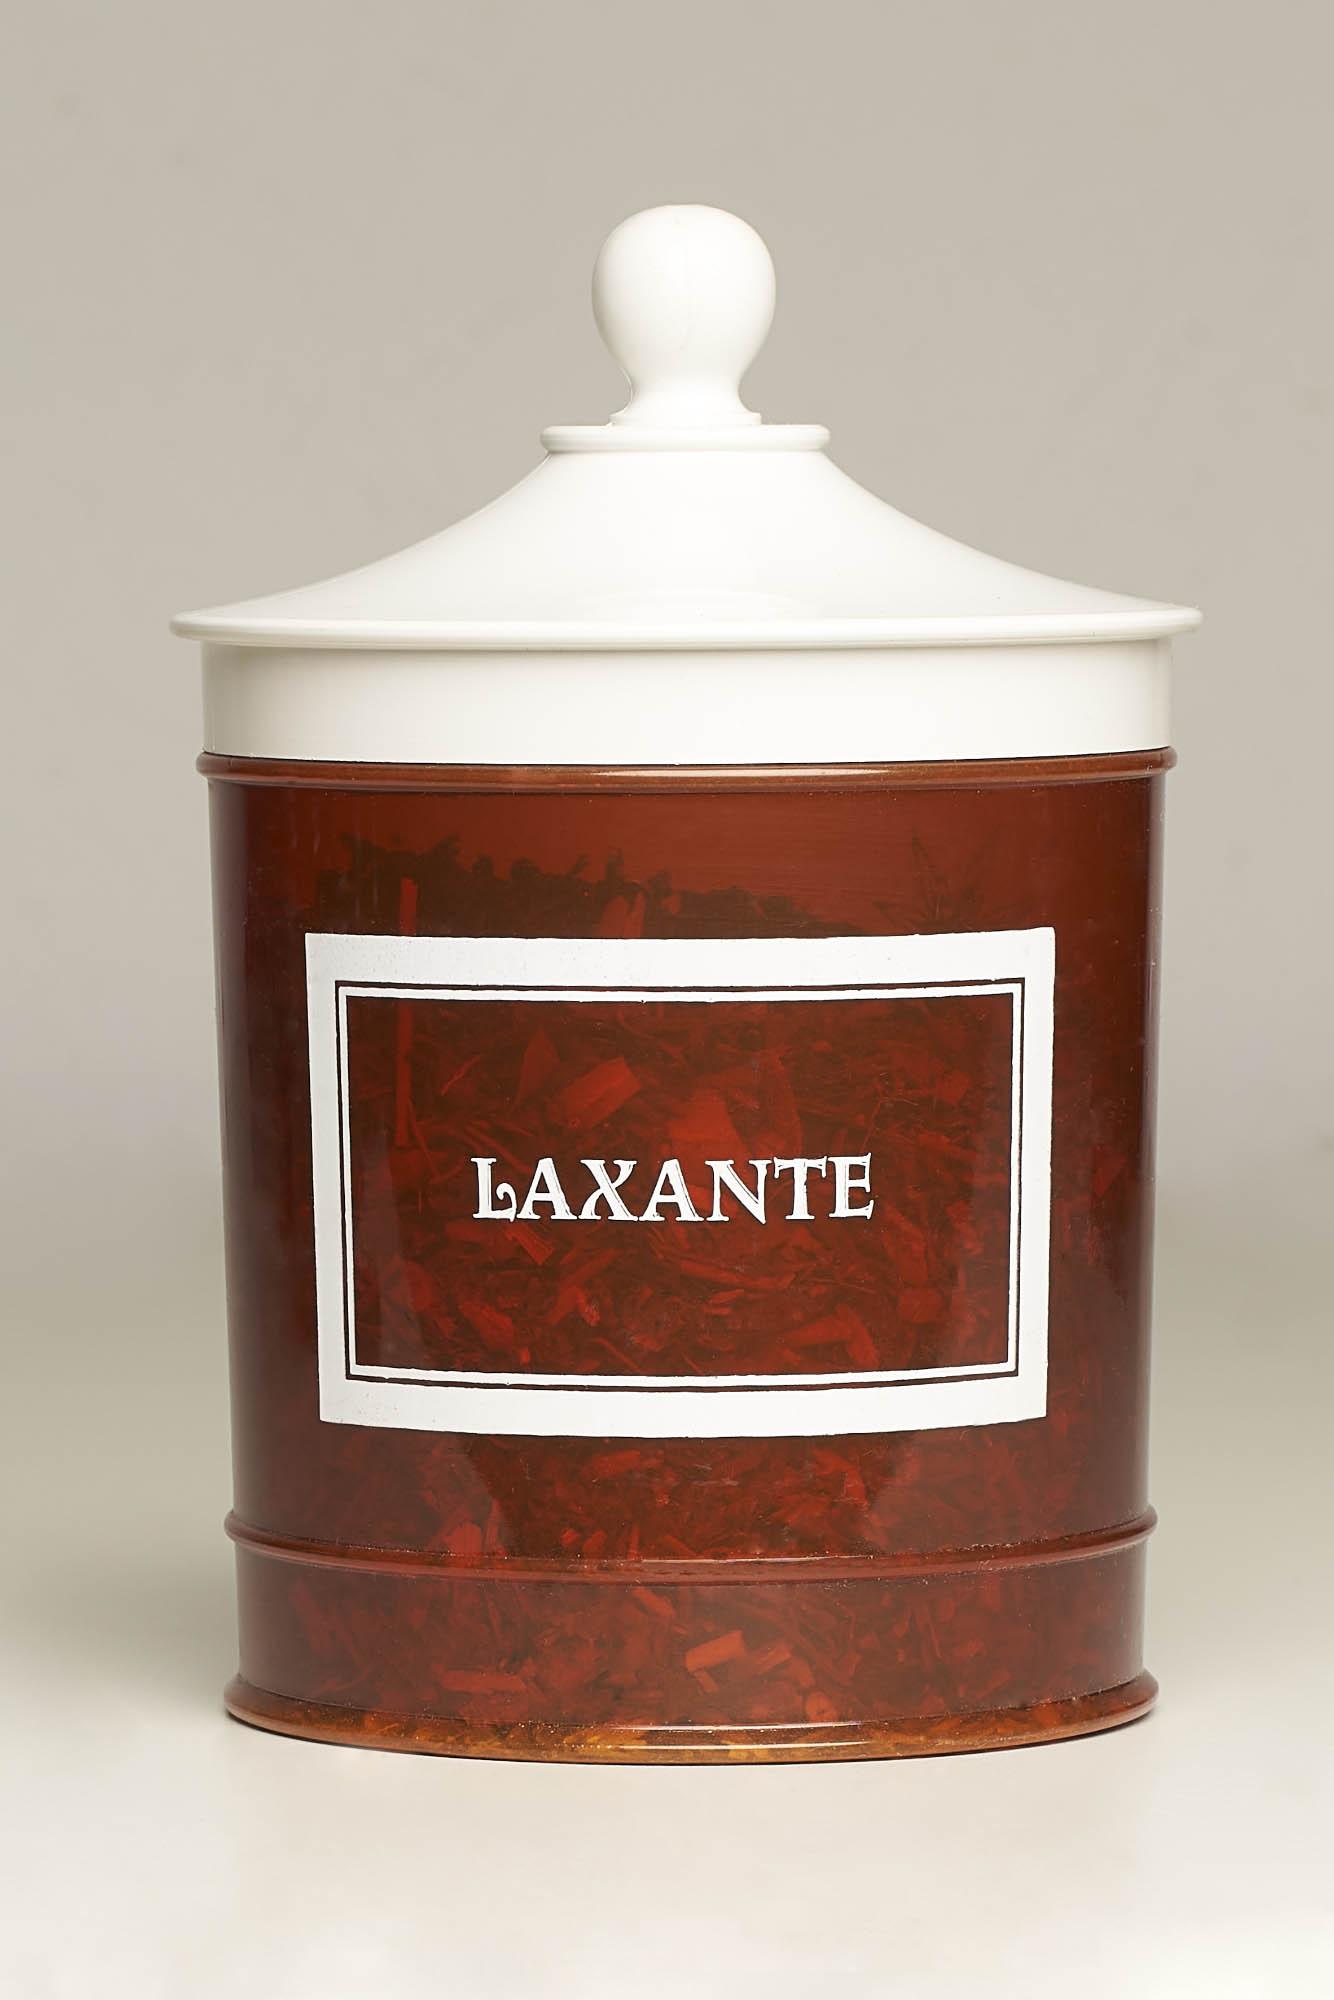 Laxante (Bolusphyton). Pl. Med. Dr. Pina